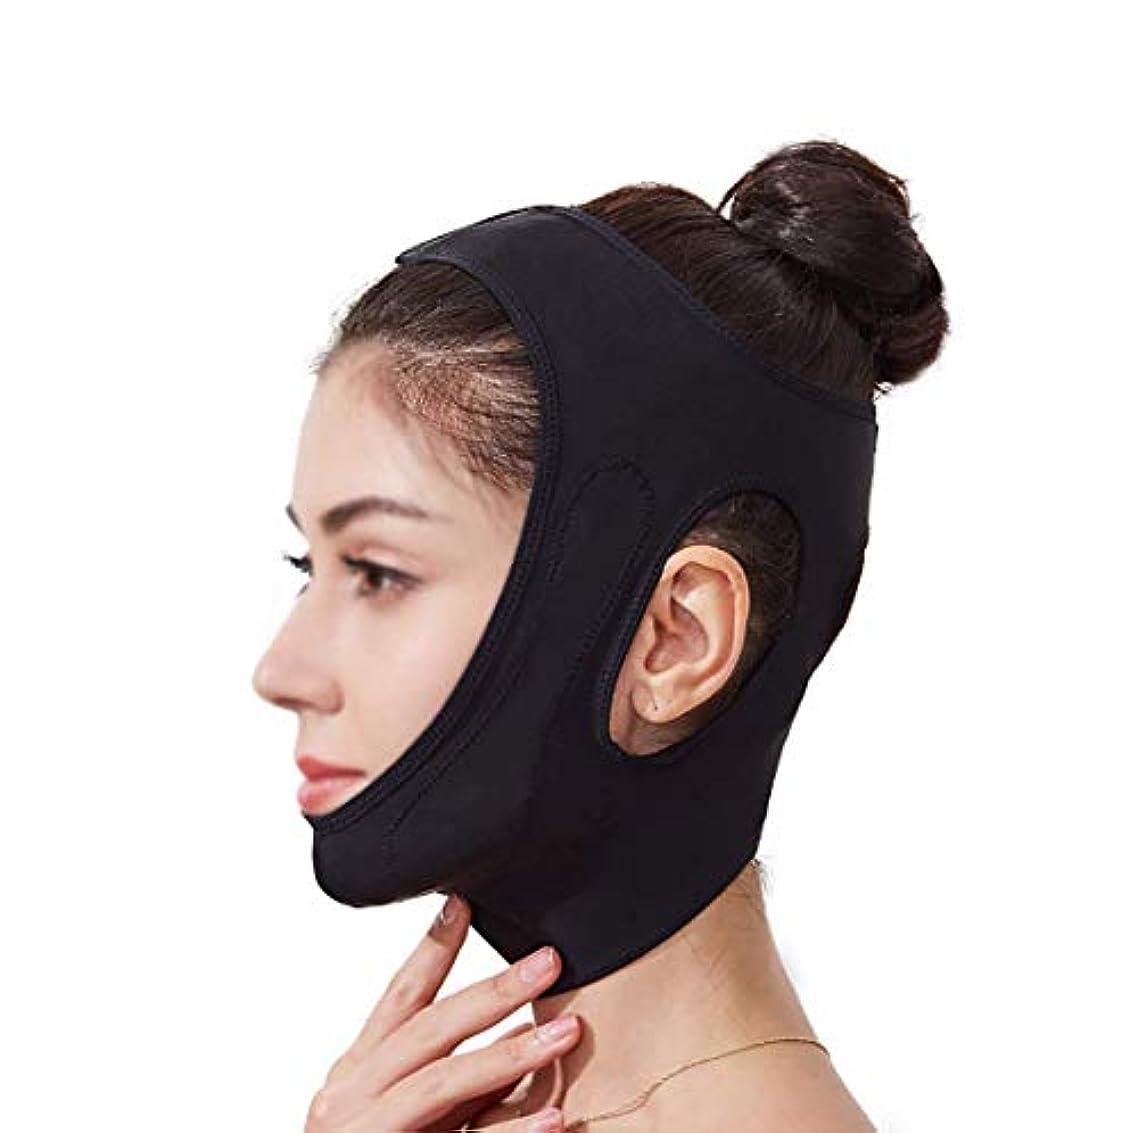 浸した引き潮精査フェイスリフティングマスク、360°オールラウンドリフティングフェイシャルコンター、あごを閉じて肌を引き締め、快適でフェイスライトをサポートし、通気性を保ちます(サイズ:ブラック),ブラック